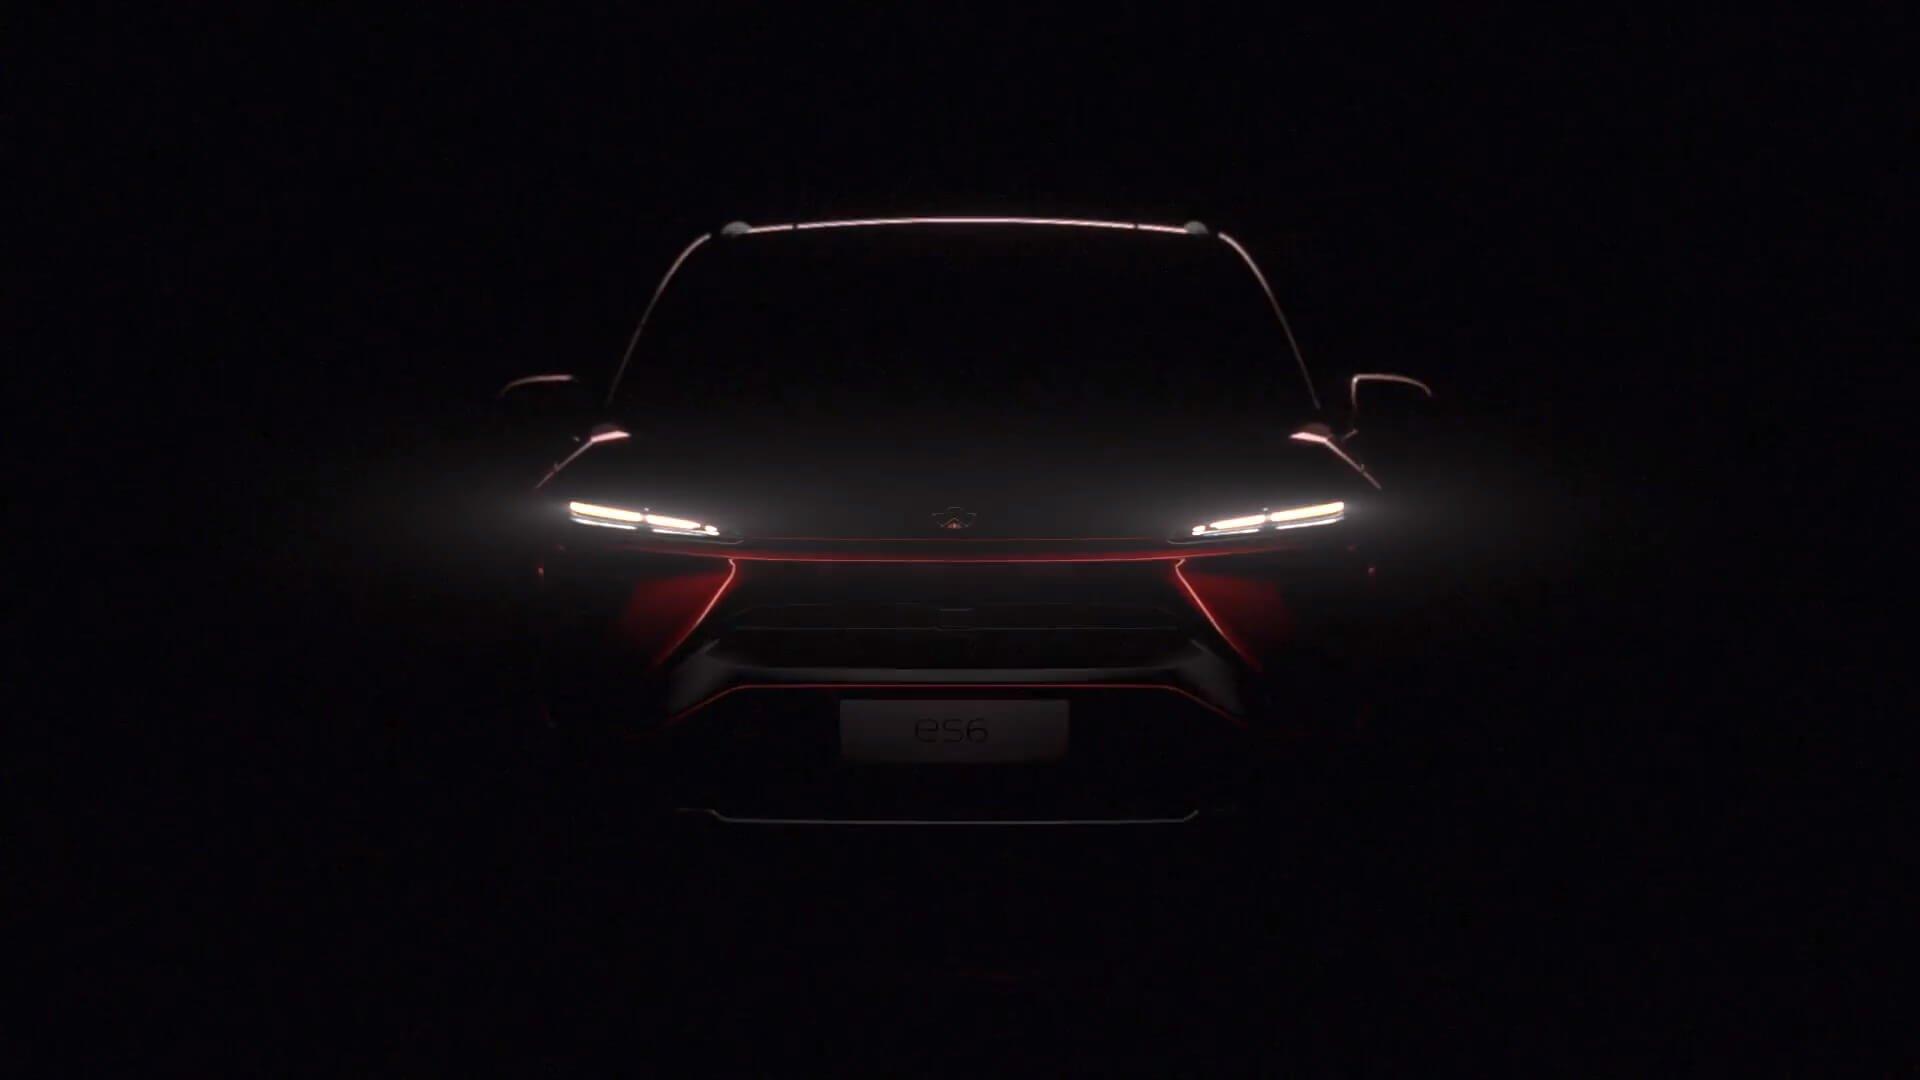 Китайская Nio представила электрический вседорожный автомобиль  на536 л.с